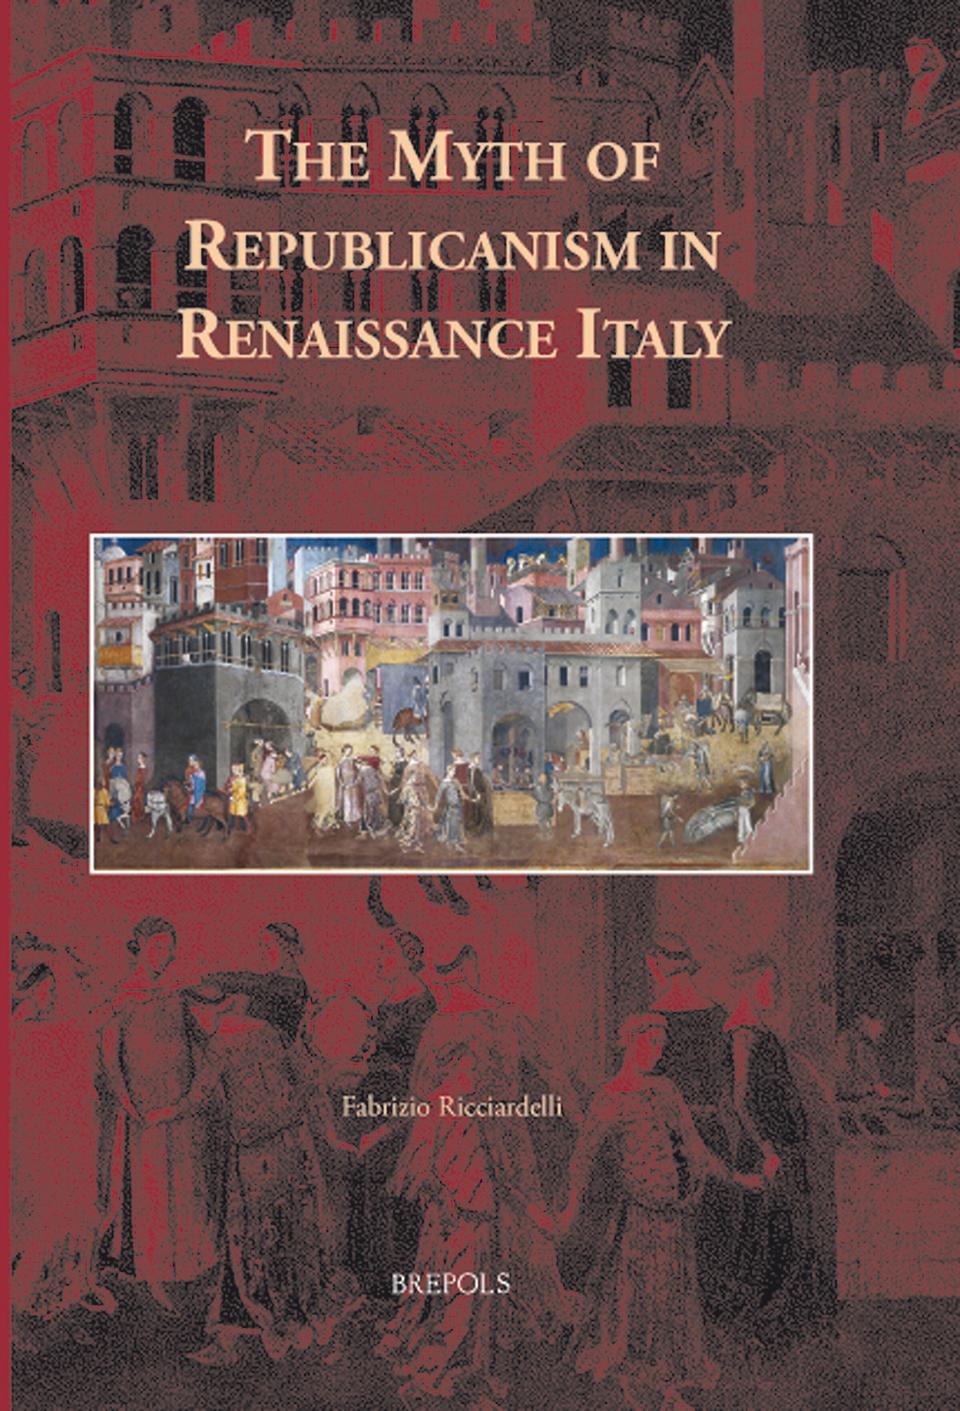 Ricciardelli - Book Cover Final